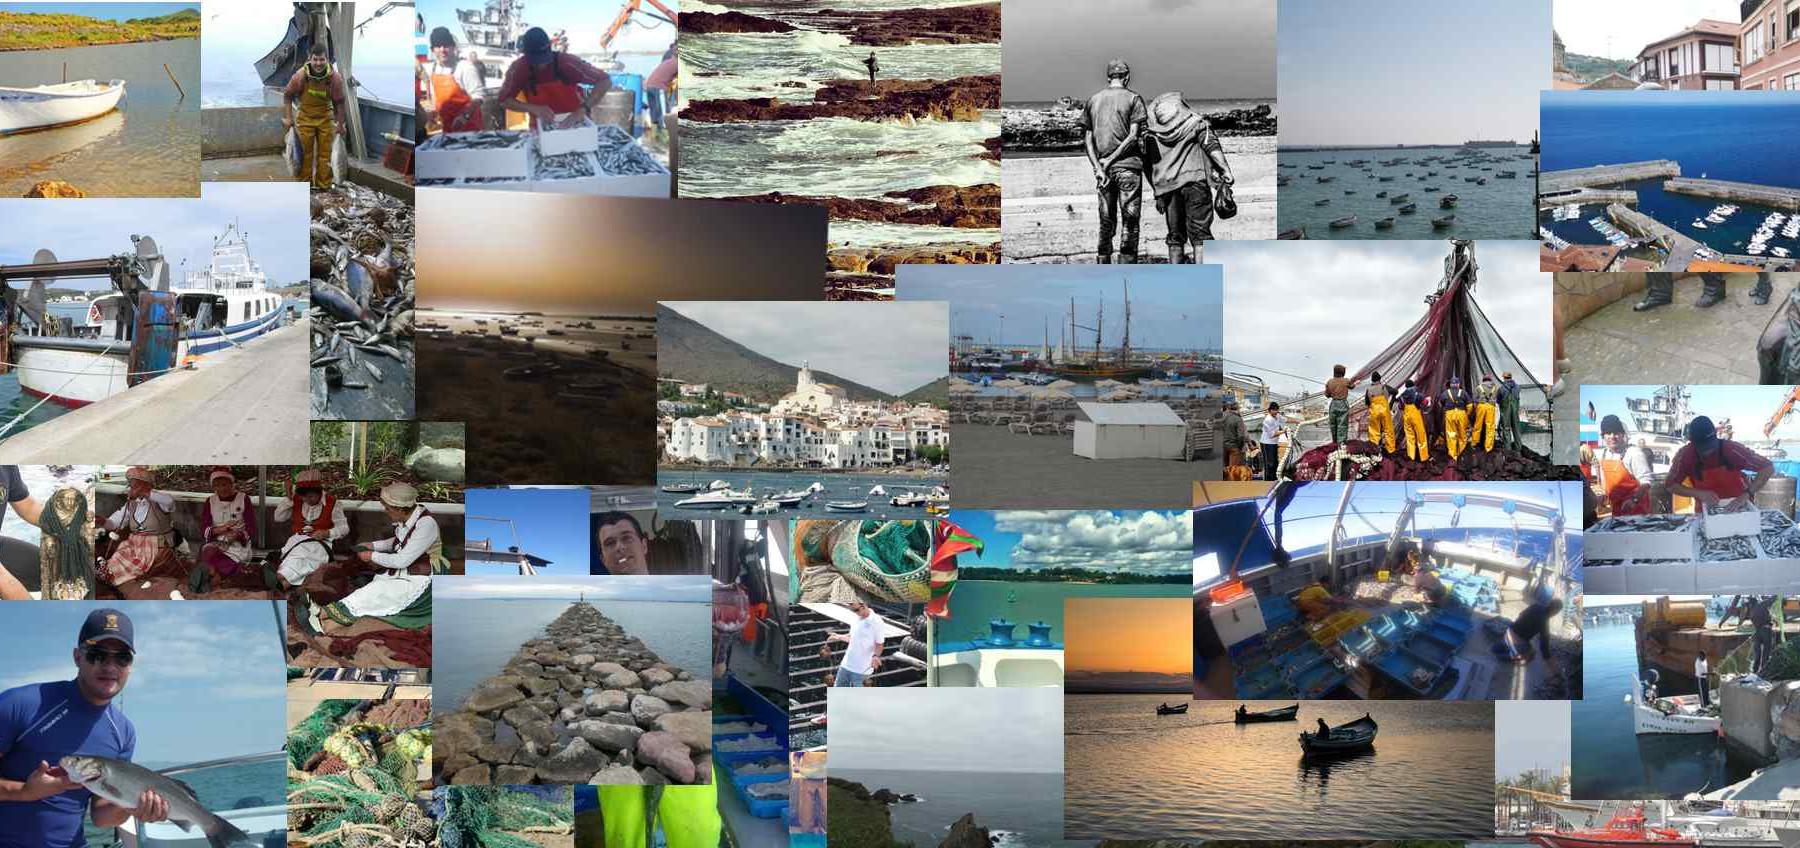 Mosaico con las fotografías sobre la gente de mar